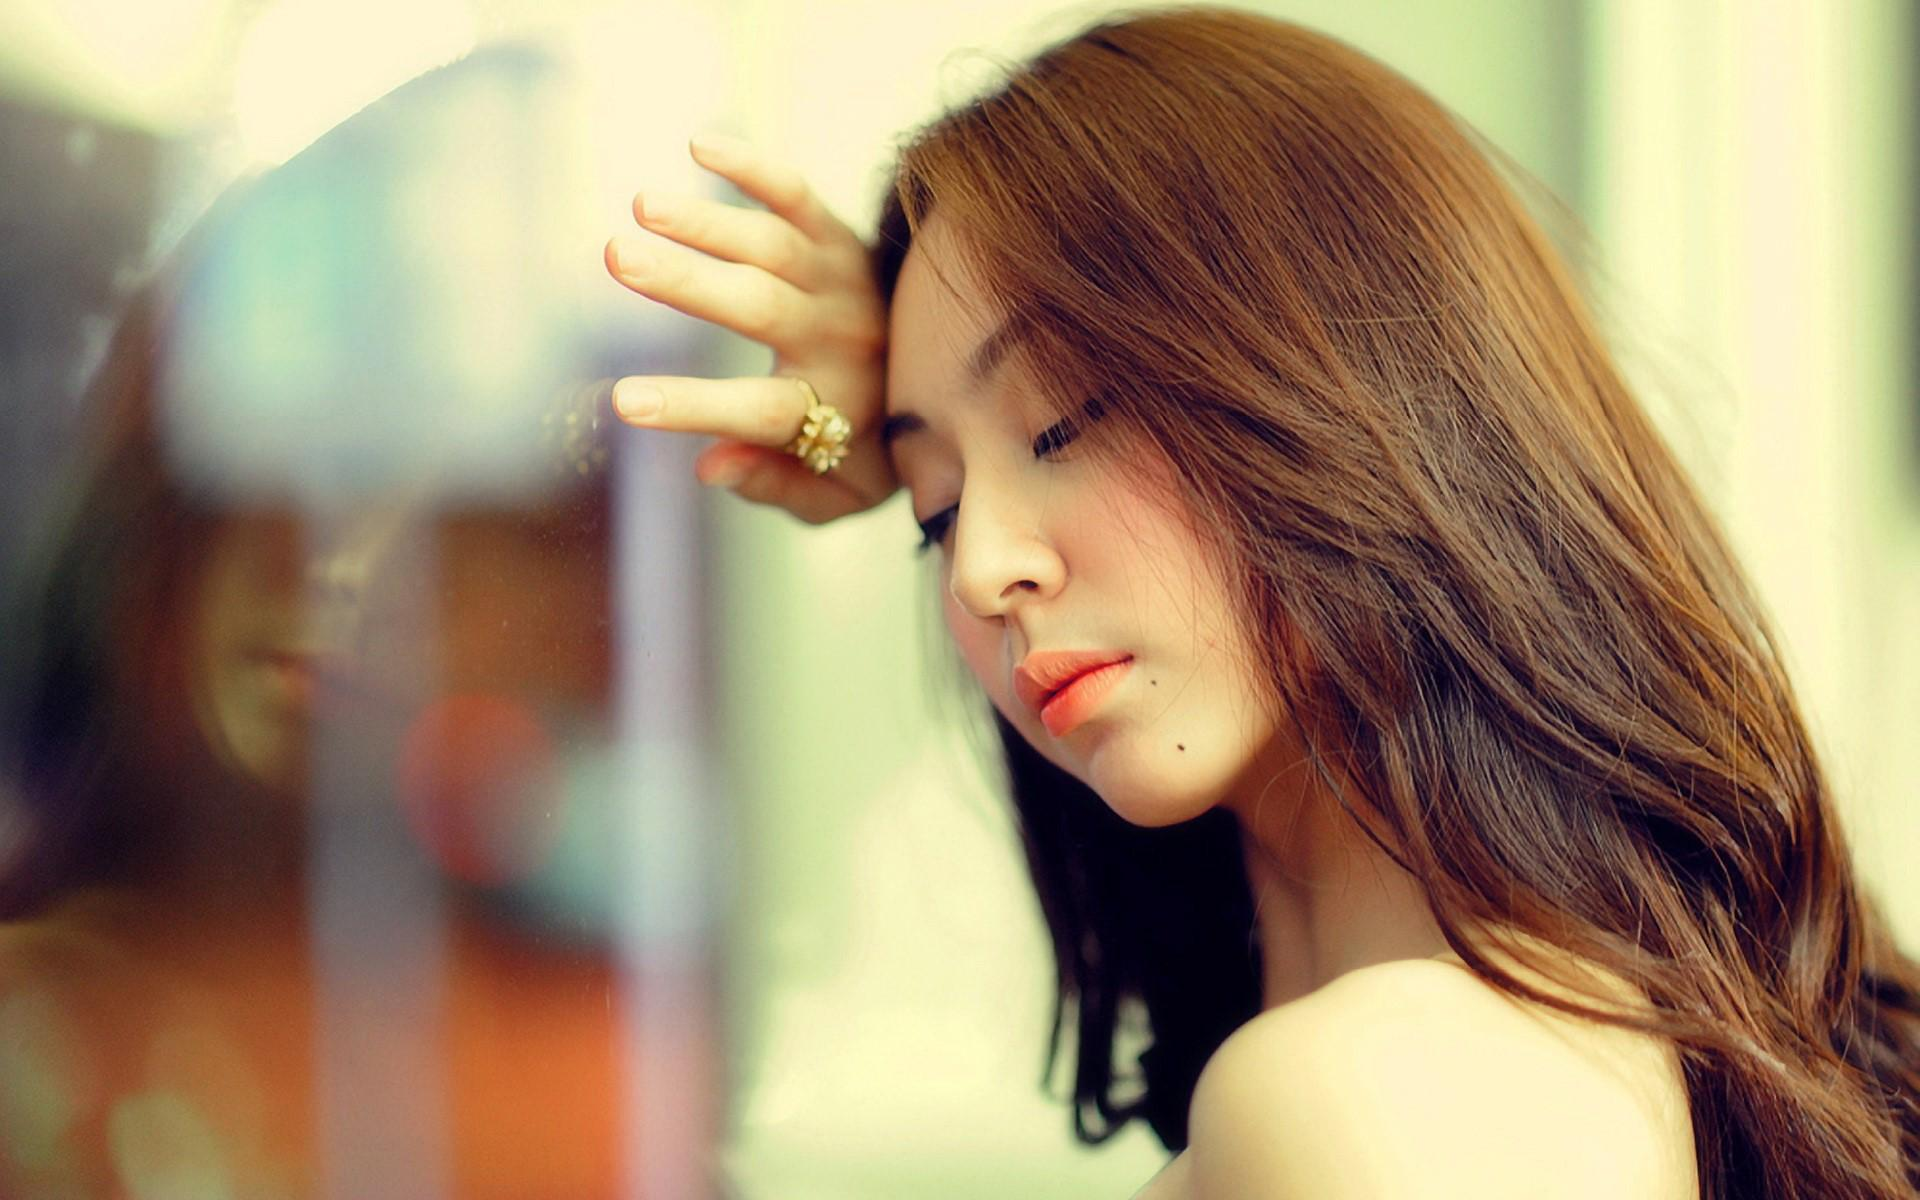 Đàn bà sinh ra đã khổ mà còn lấy nhầm chồng xem như đặt dấu chấm hết cho cuộc đời mình - Ảnh 2